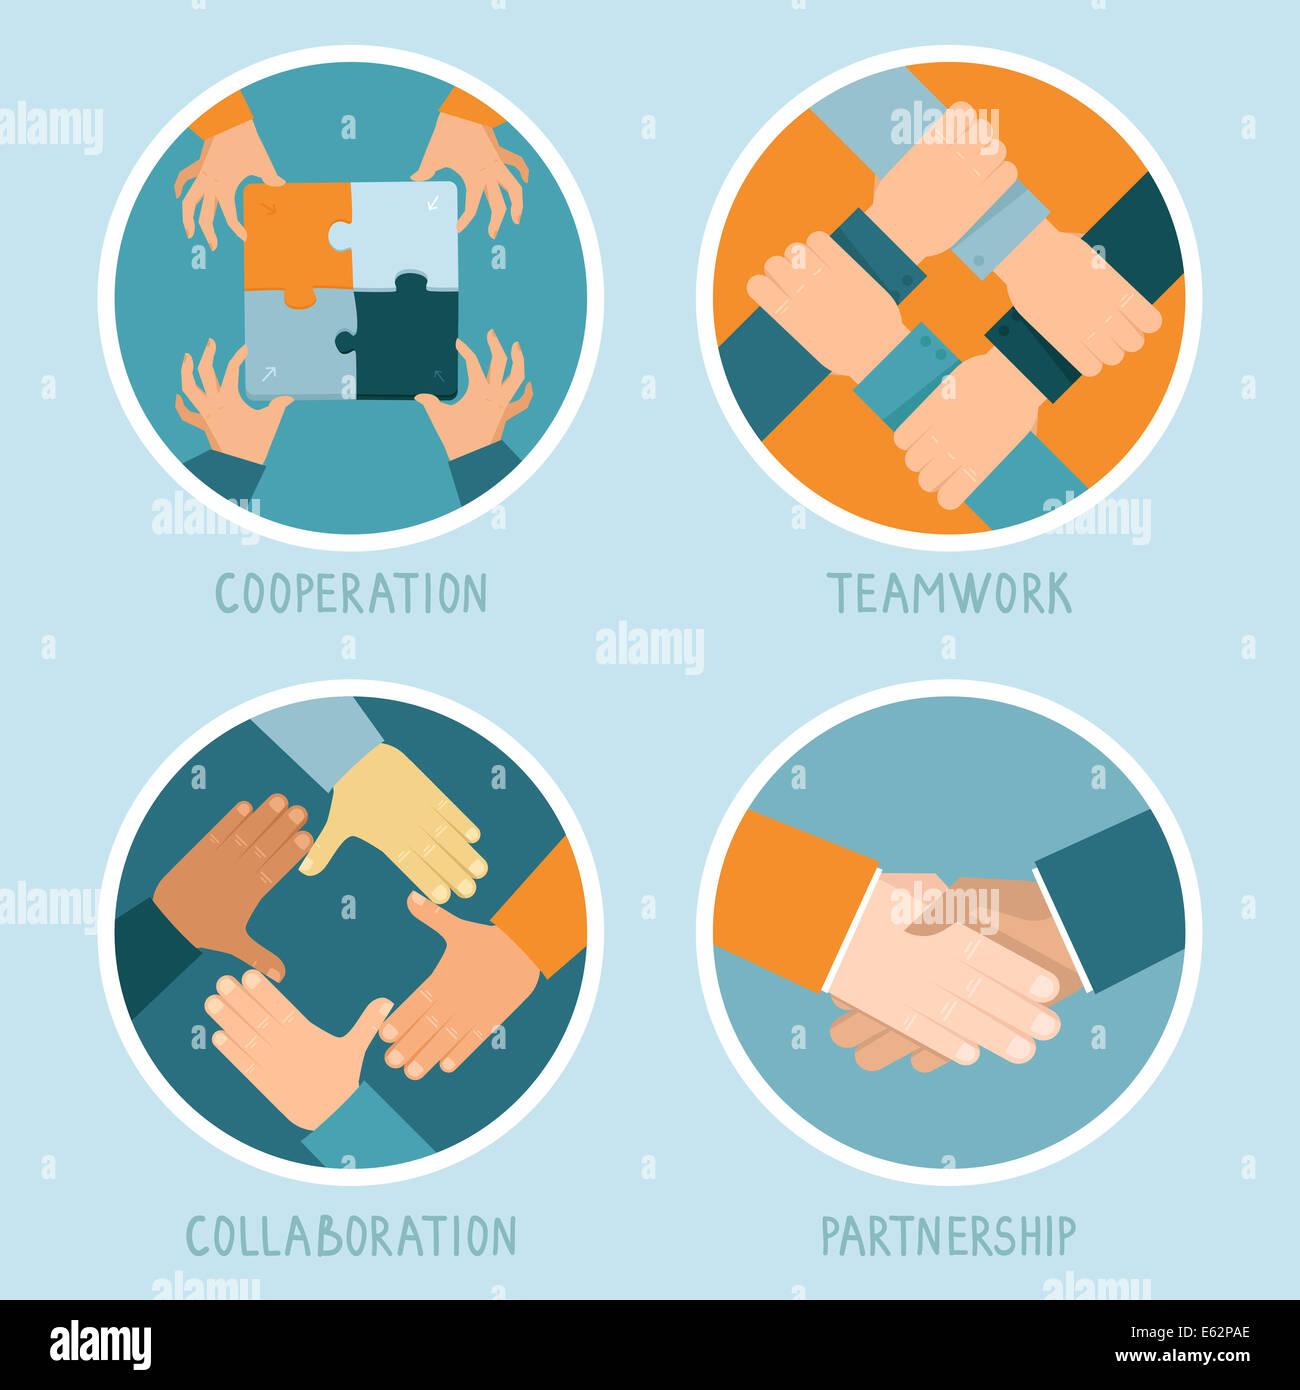 Teamwork und Zusammenarbeit Konzept in flachen Stil - Ikonen über Partnerschaft und Zusammenarbeit - Geschäftsleute Stockbild